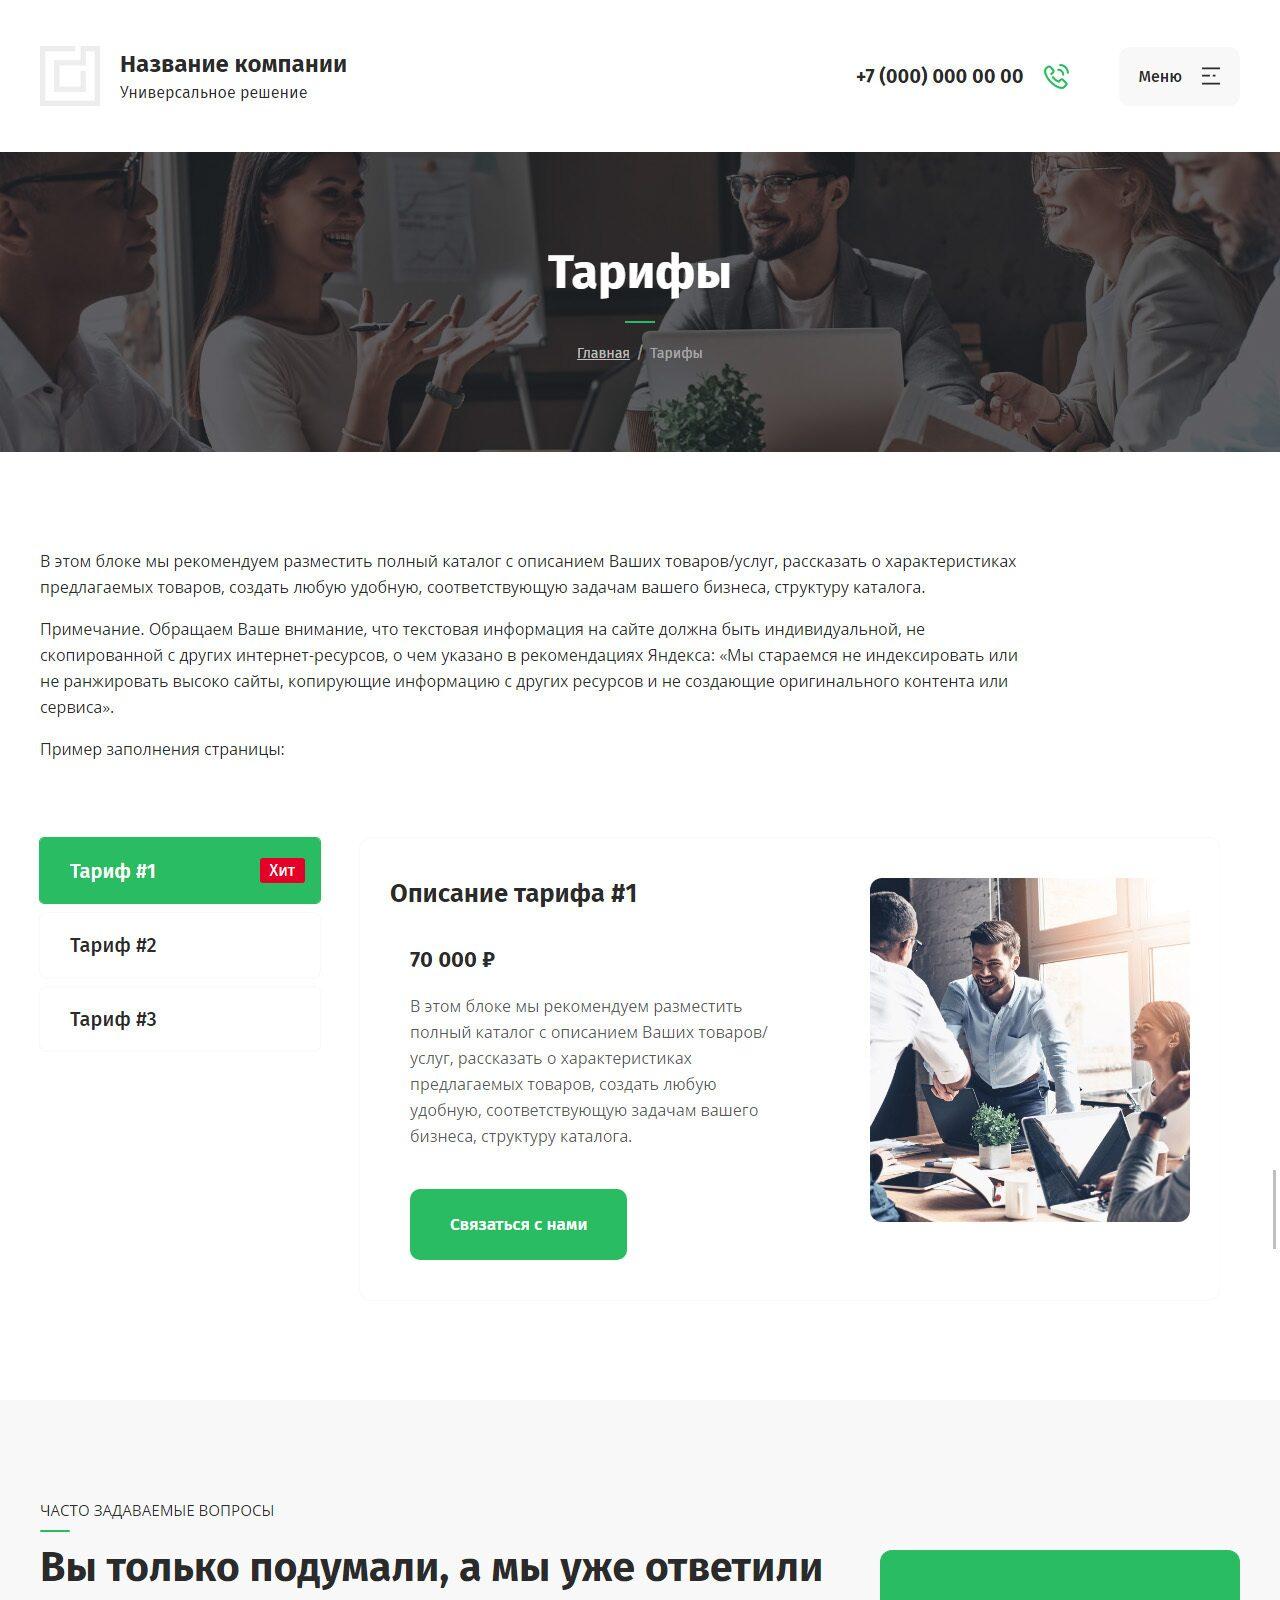 Готовый Сайт-Бизнес #2891093 - Универсальный дизайн (Тарифы)